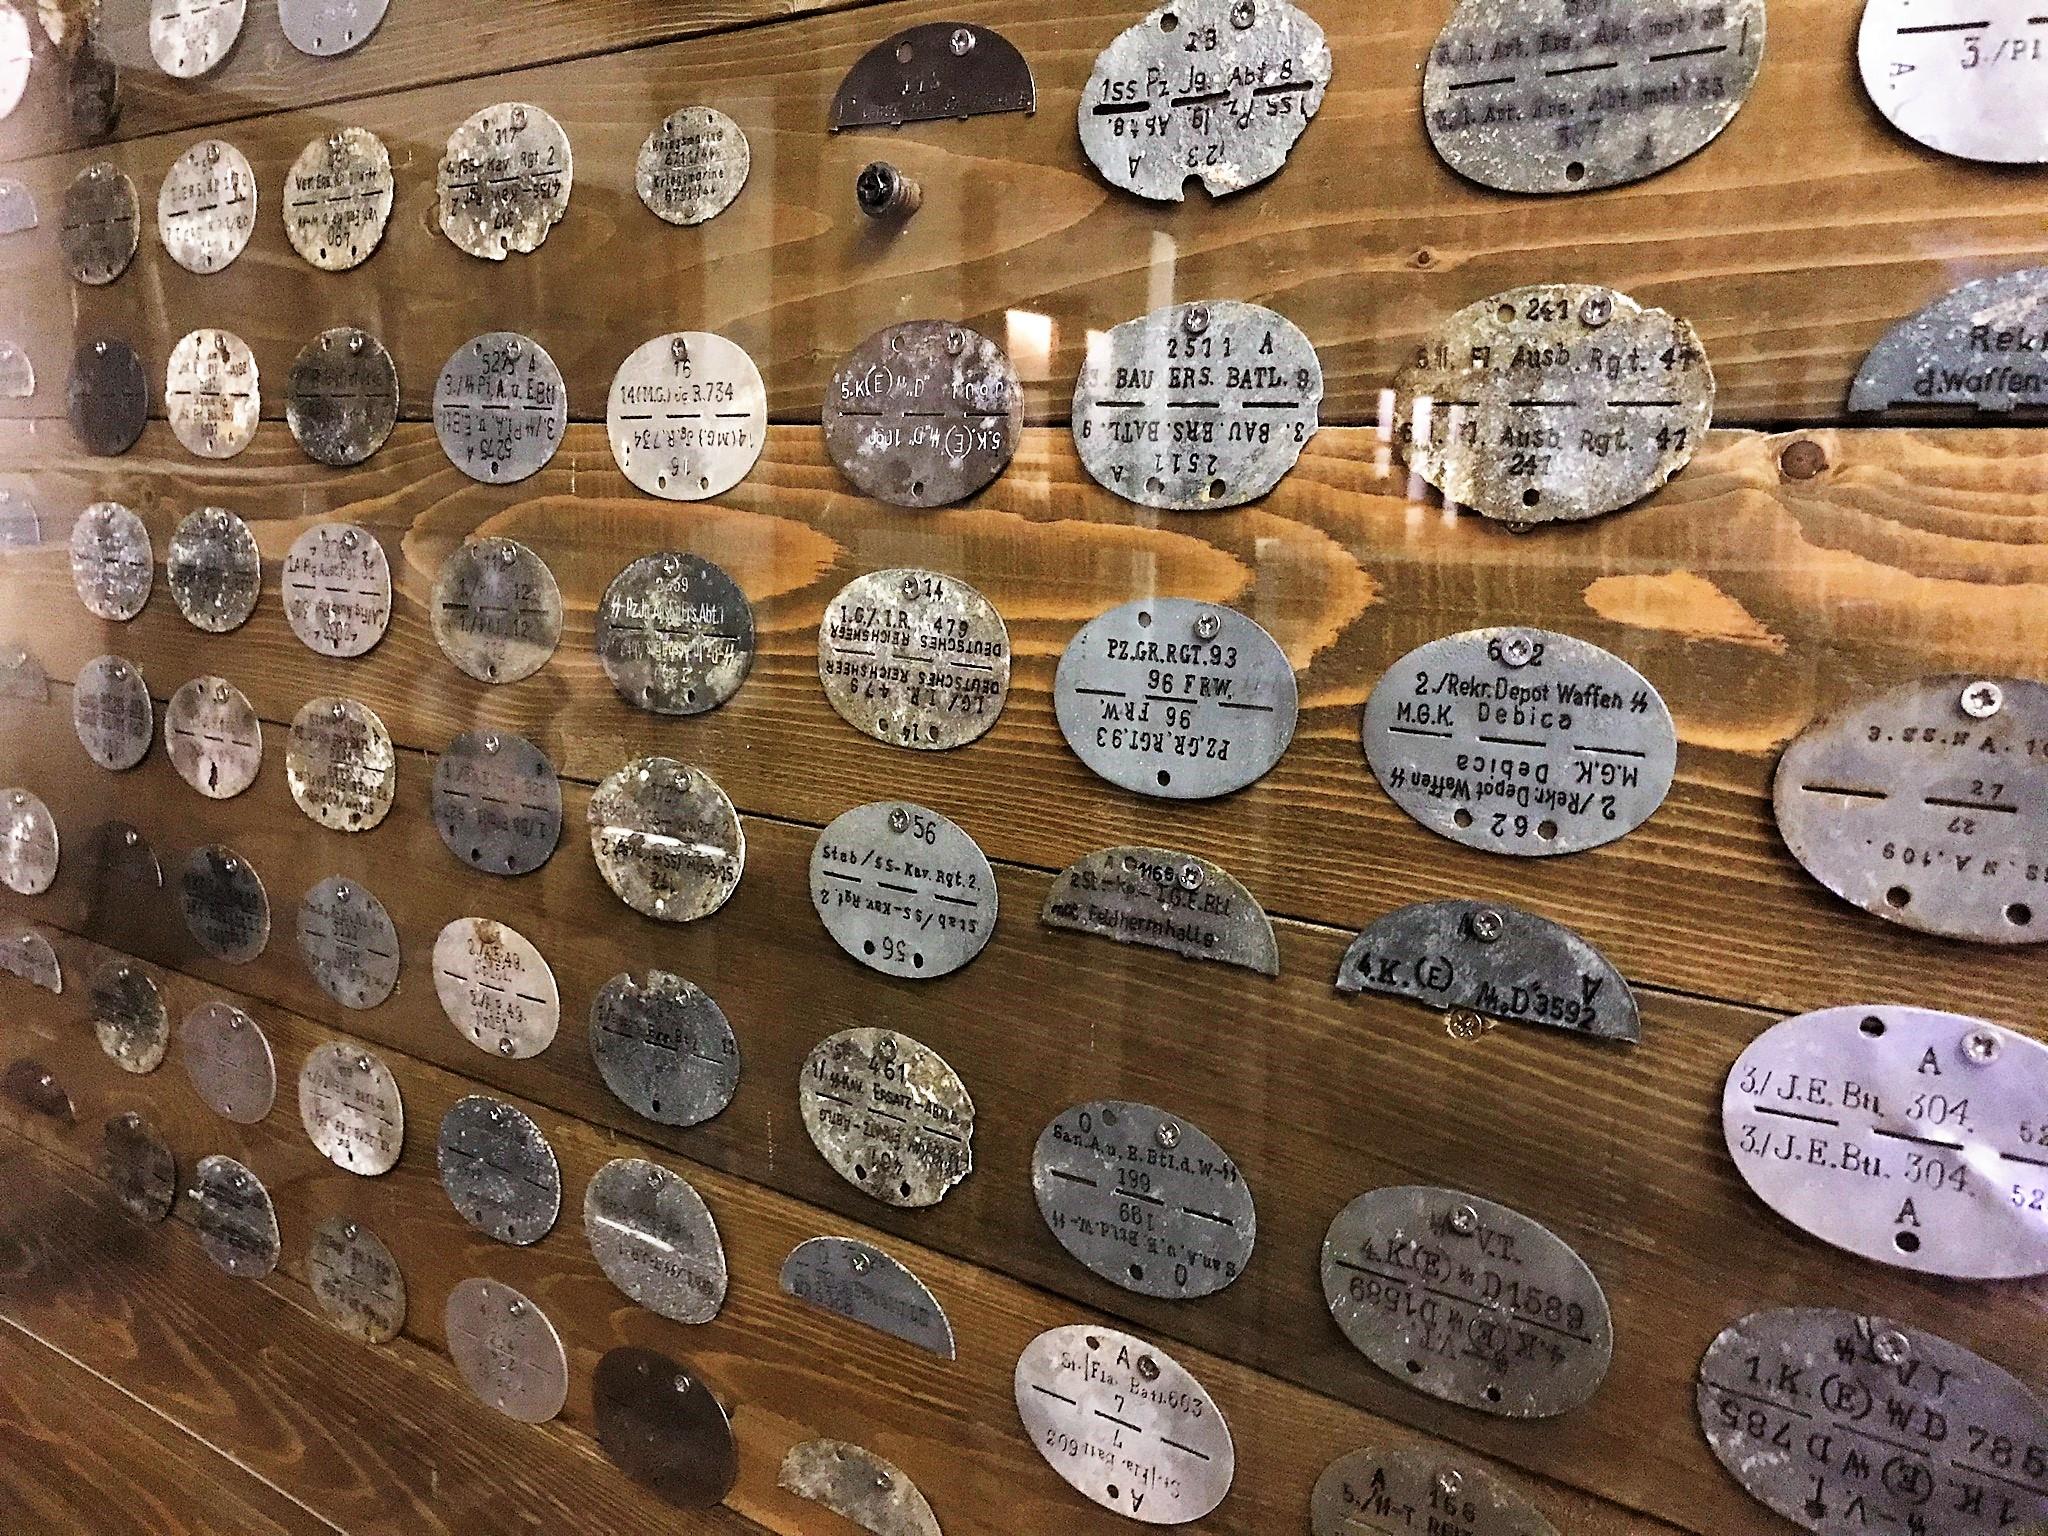 A Budai Várban rekedt emberek elkeseredésükben 1945 február 11-én a kitörést kíséreltek meg. 24.000 emberből mindössze 7-800 fő jutott át a szovjet ostromgyűrűn. Korabeli rohamsisakok és azonosító cédulák állítanak emléket a tragédiának.